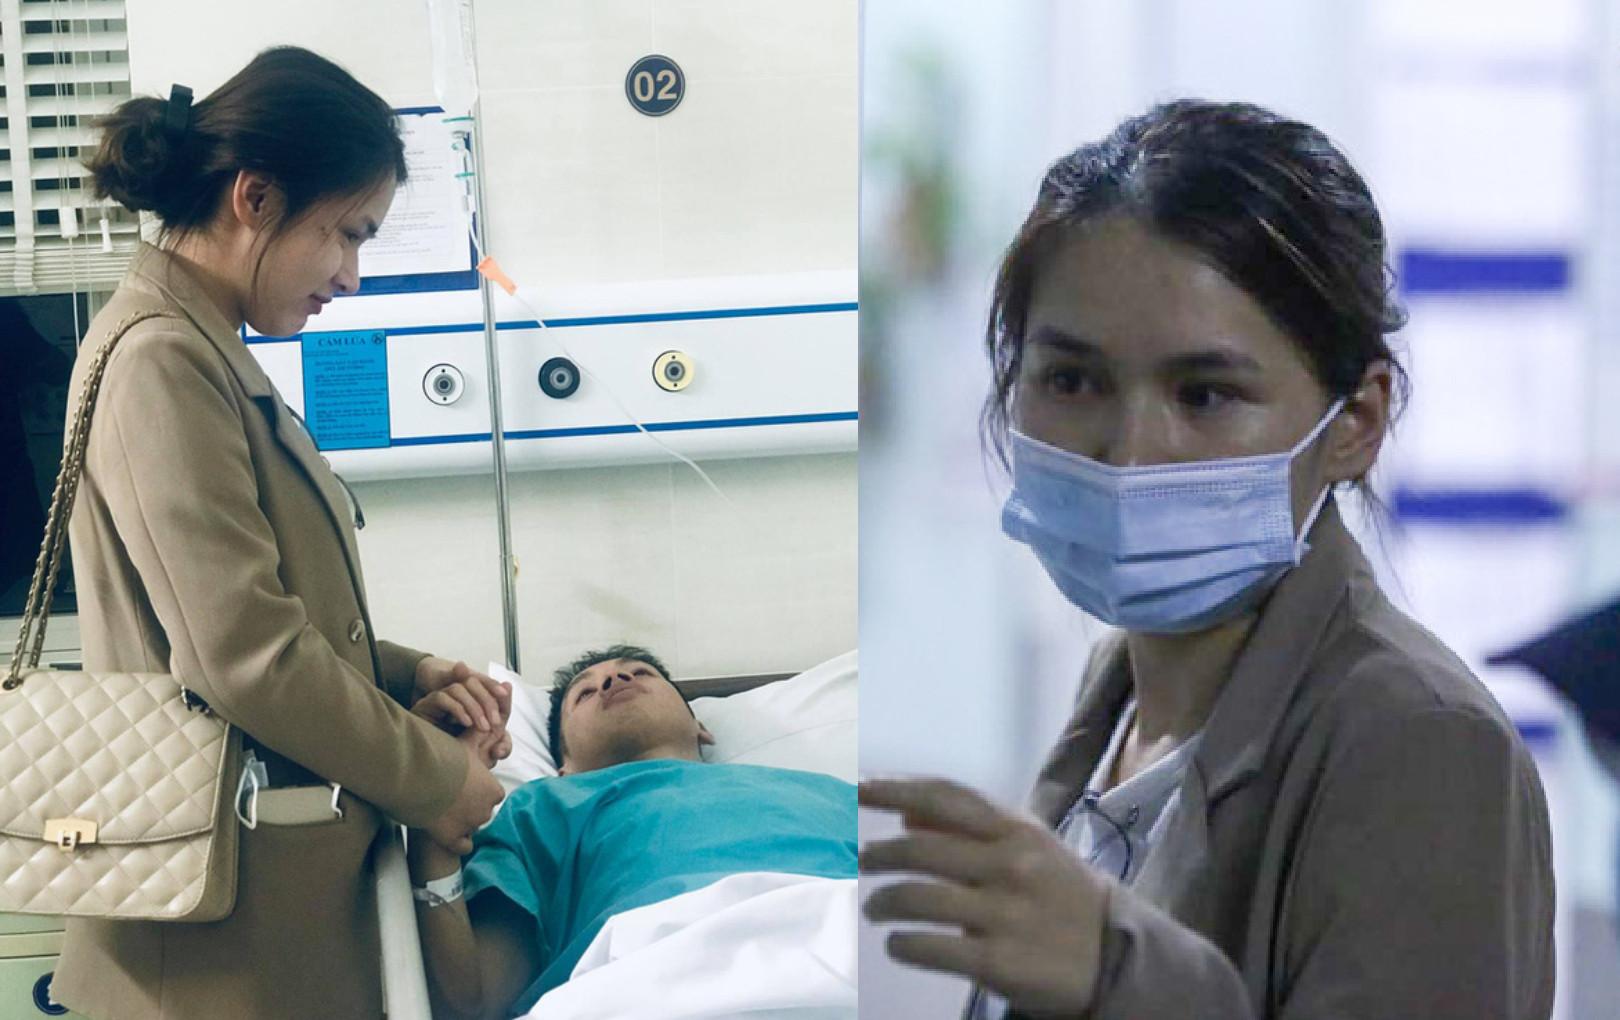 Vợ Hùng Dũng gạt nước mắt, gửi con nhỏ ở nhà để bay vào Sài Gòn chăm sóc chồng sau chấn thương nặng